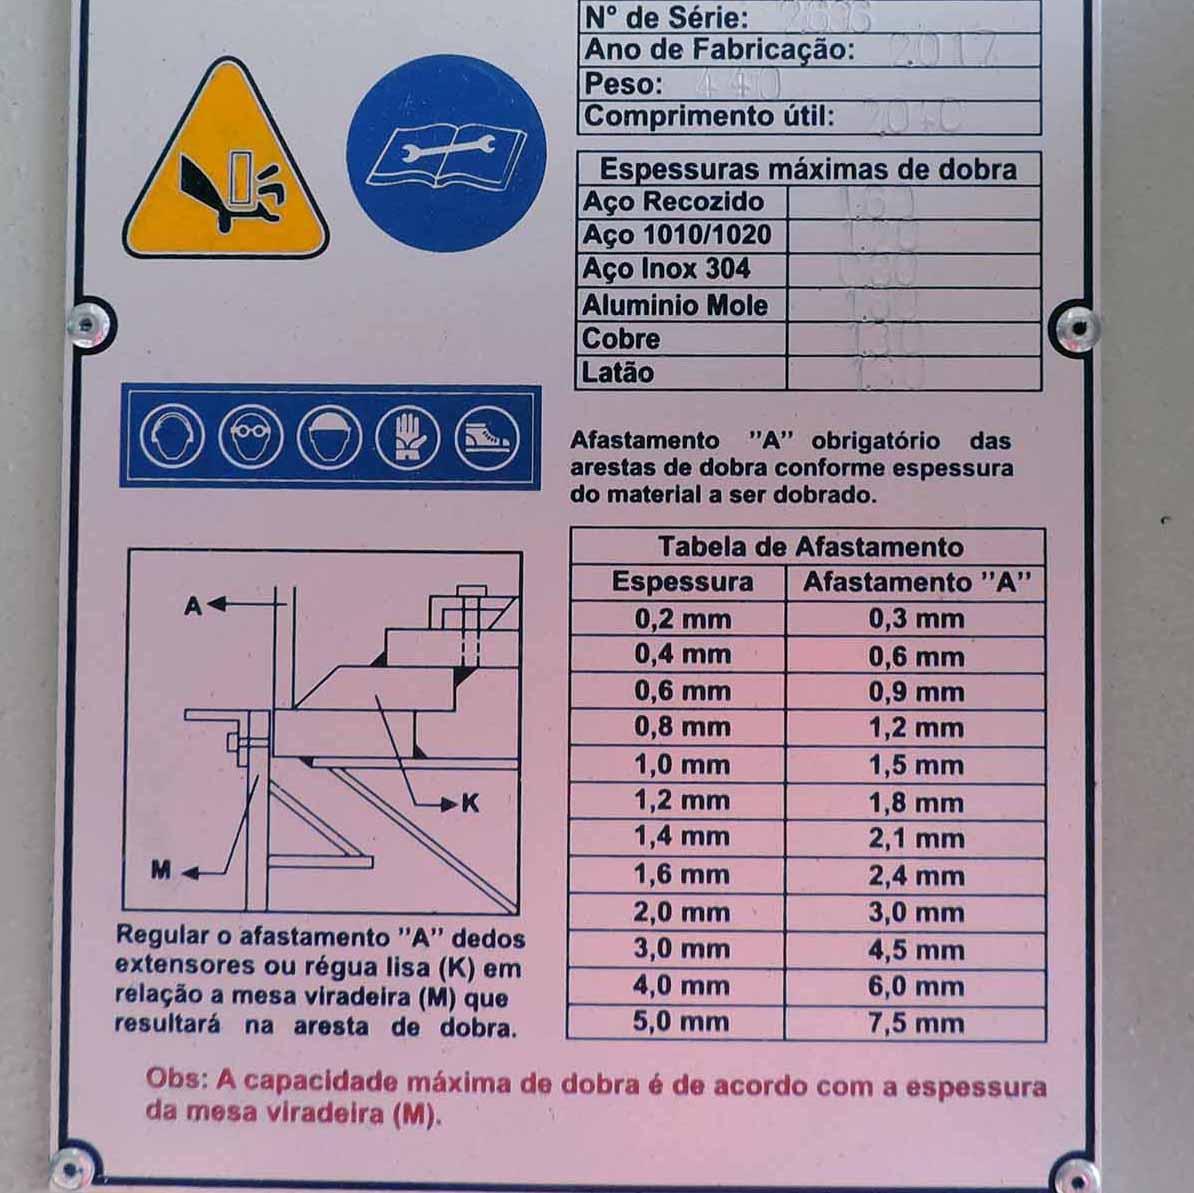 VML2 - Viradeira Manual Excêntrica com Dedo Extensor